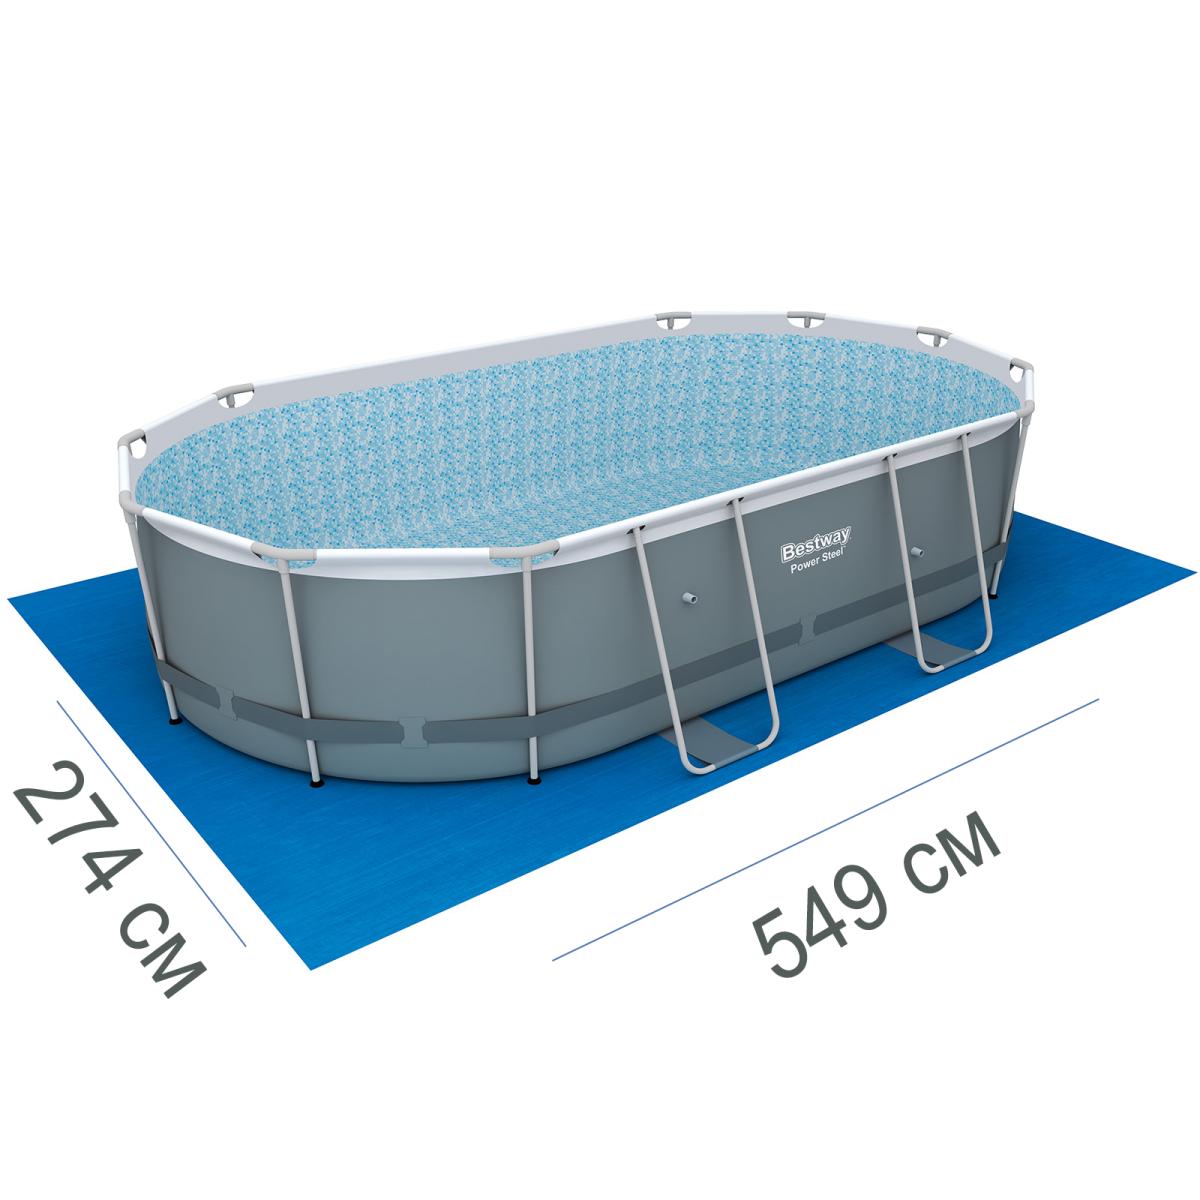 Подстилка для бассейна Bestway 58139, 58266 box, 549 х 274 см